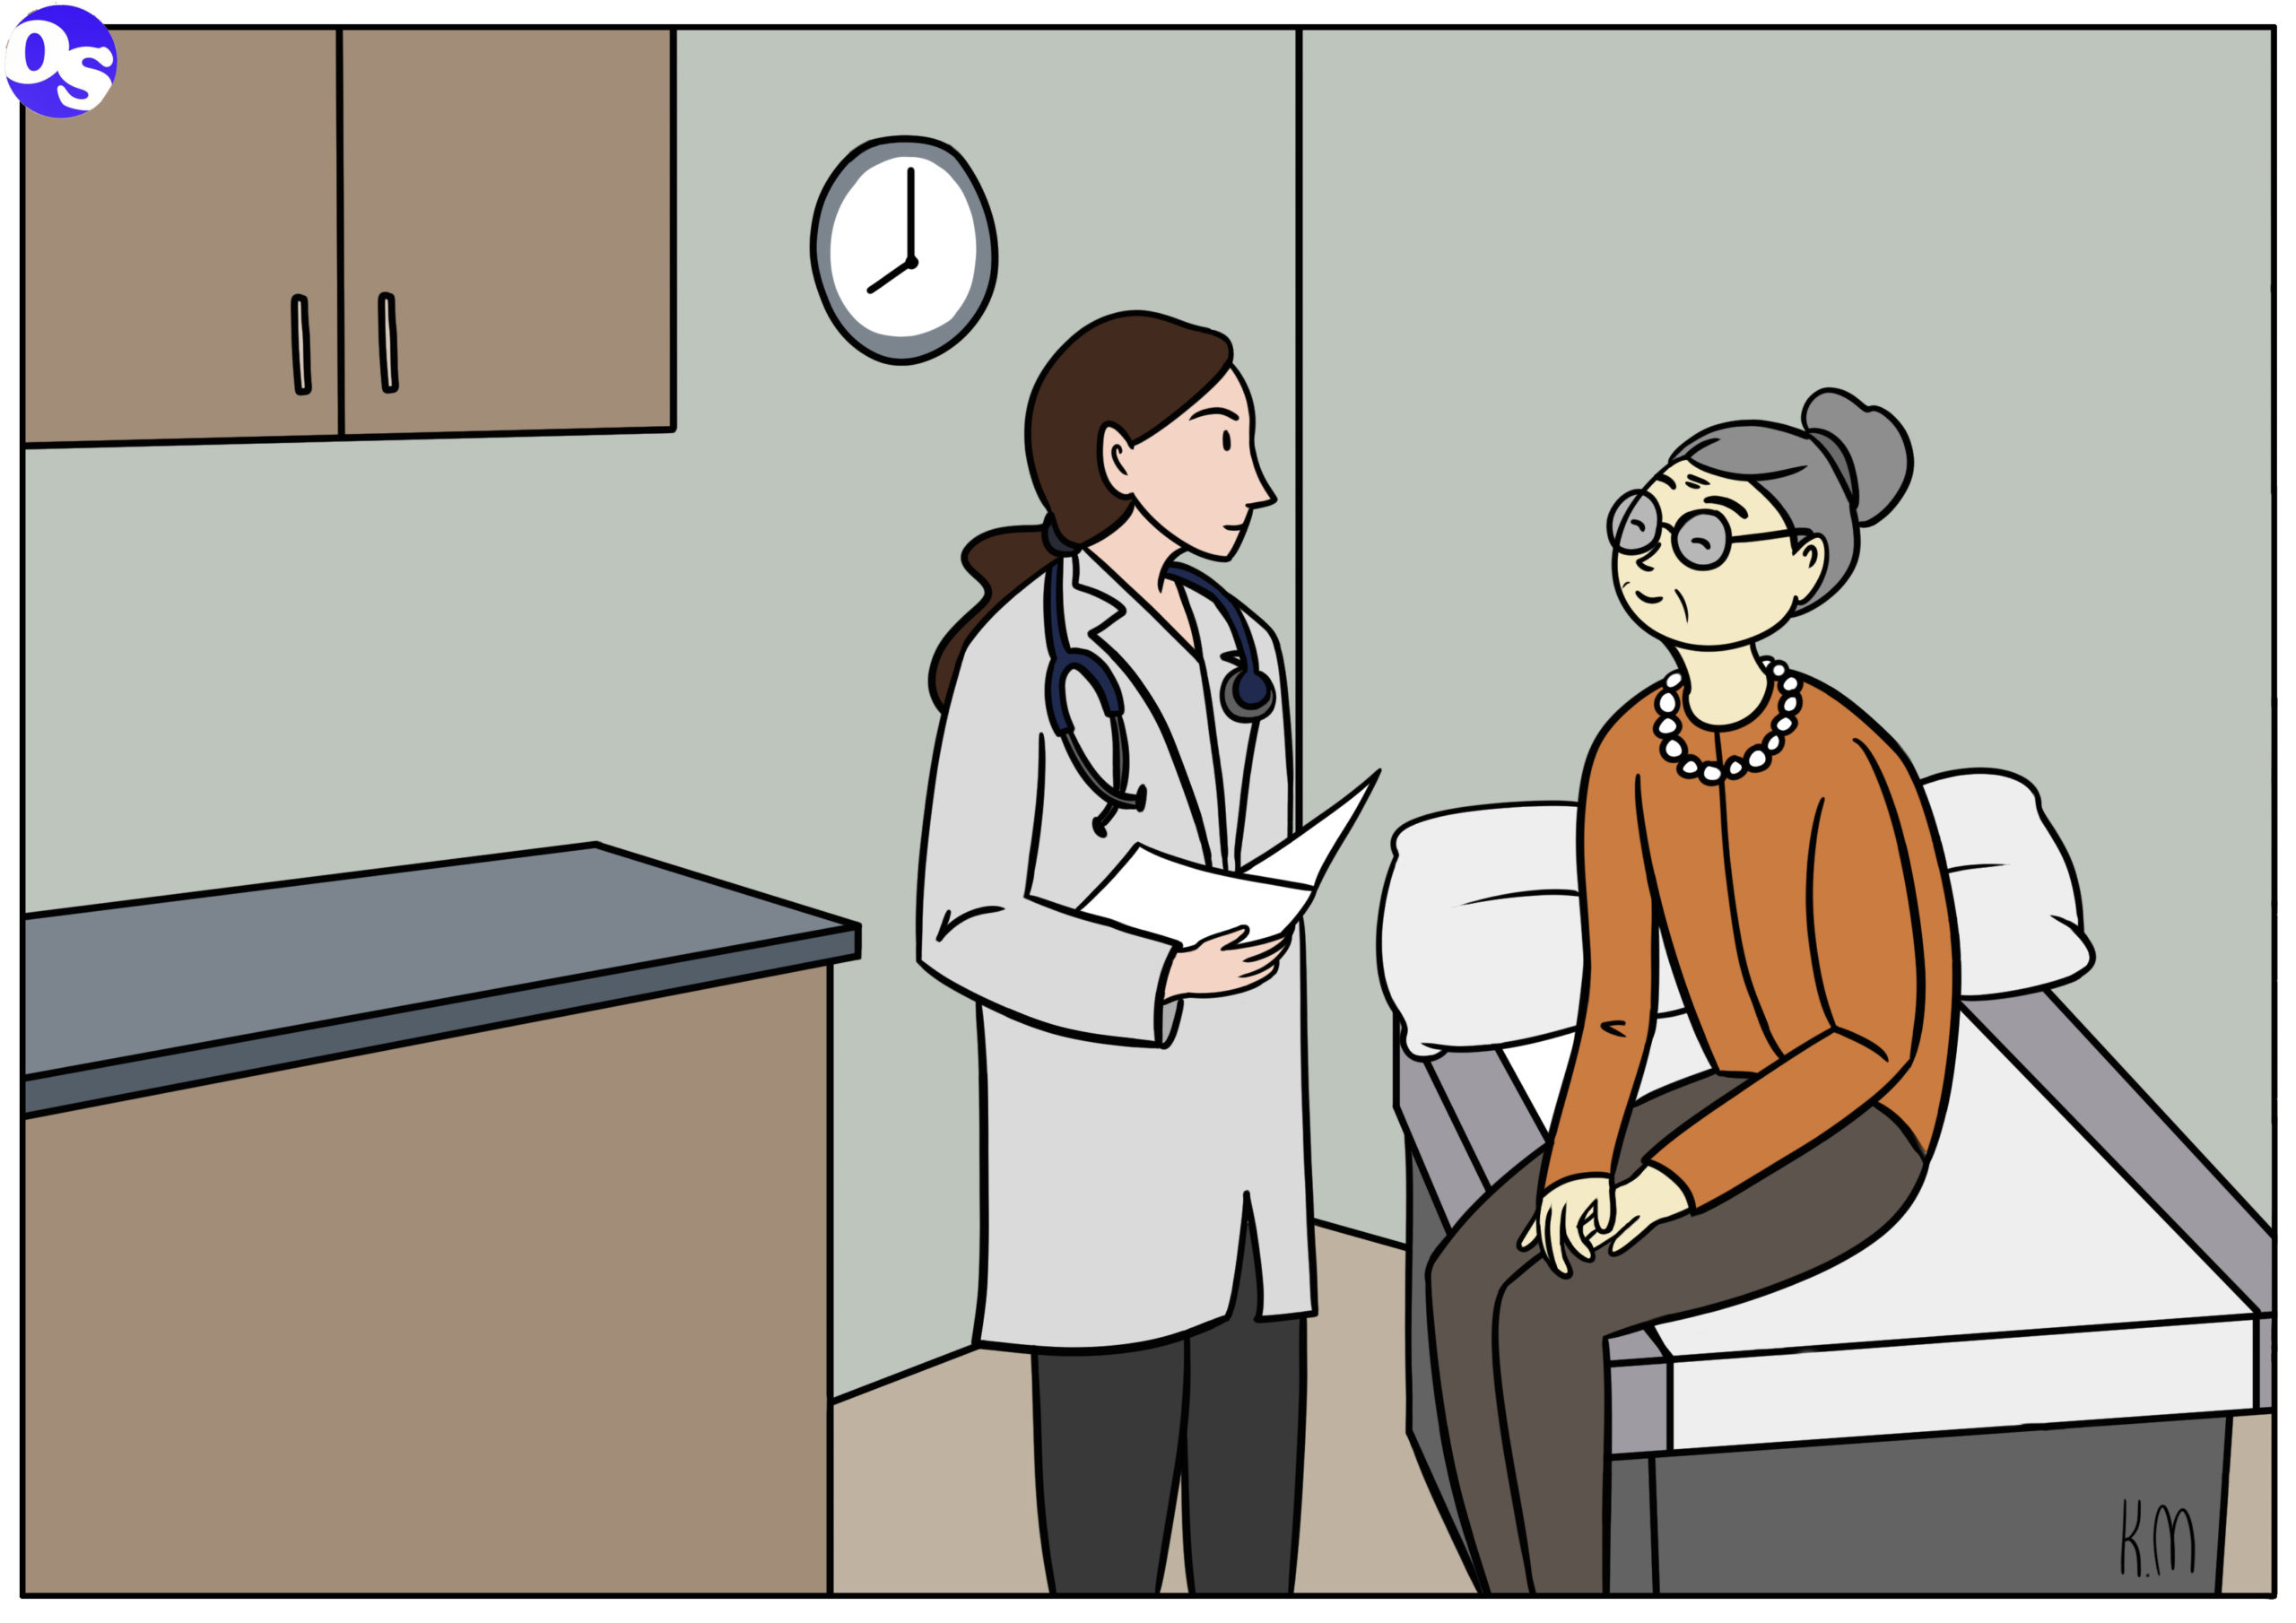 4. Osaan puhua hyvinvoinnista ja terveydestä